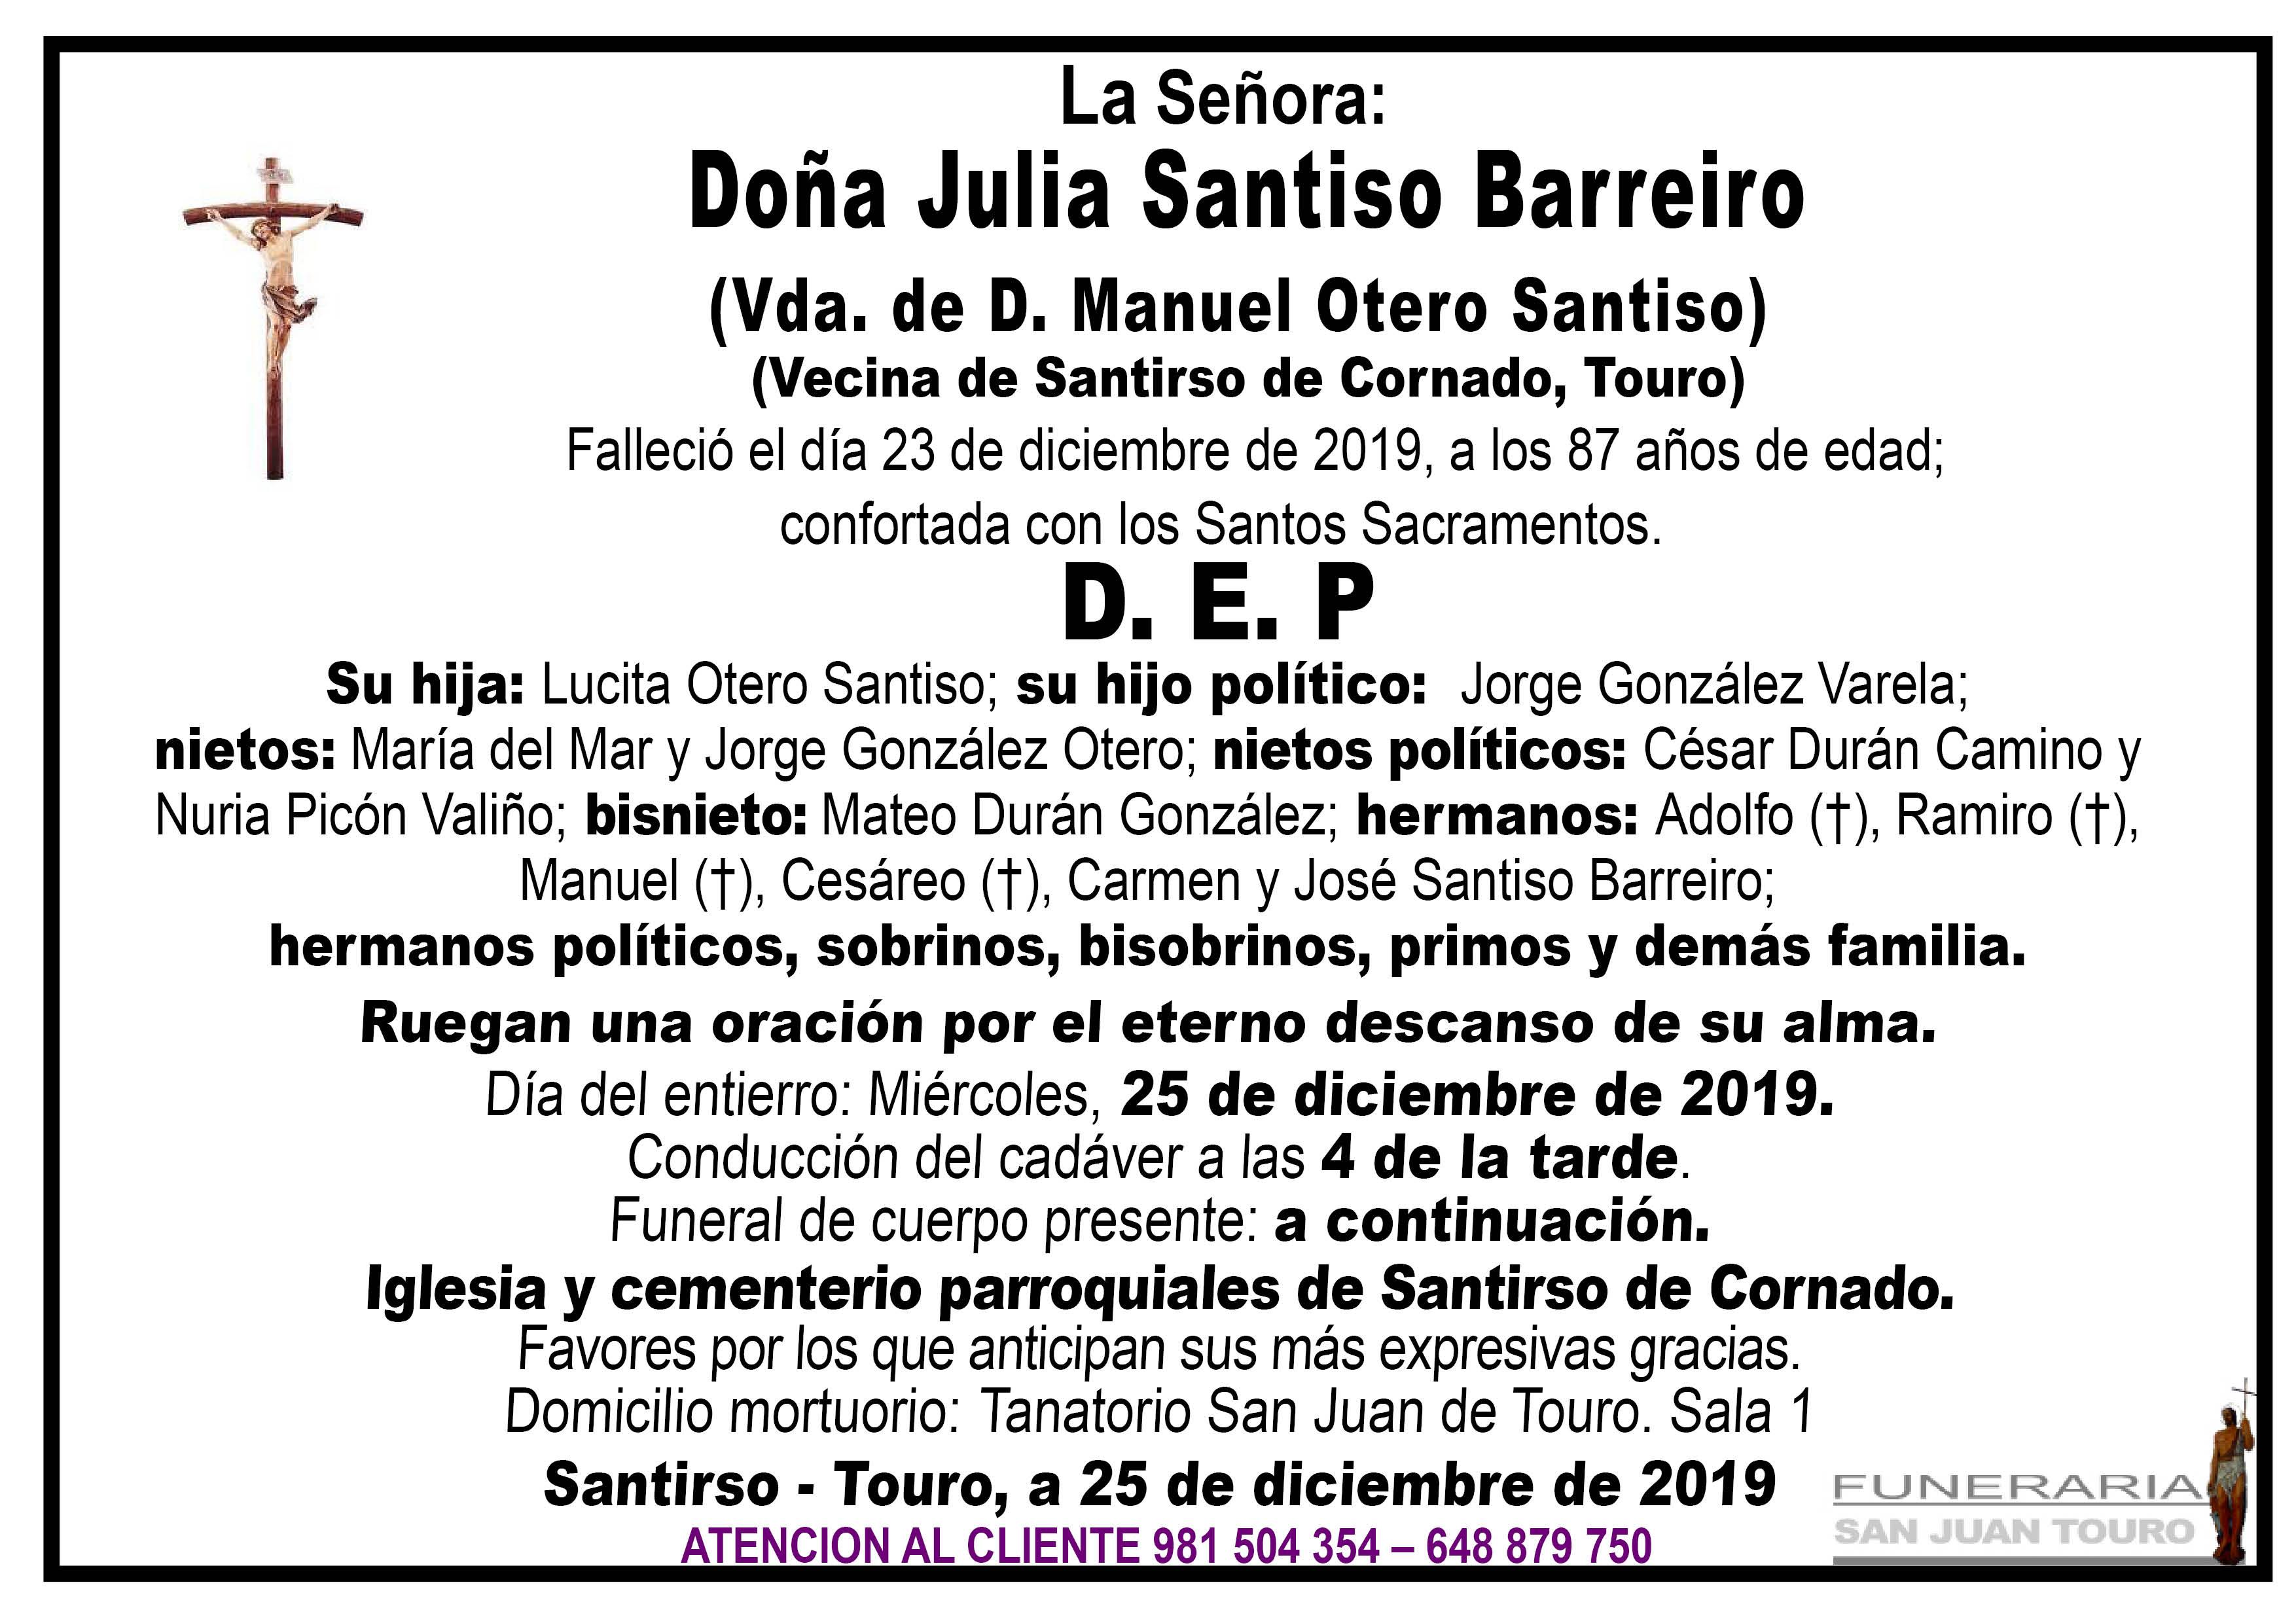 Esquela de SEPELIO DE DOÑA JULIA SANTISO BARREIRO